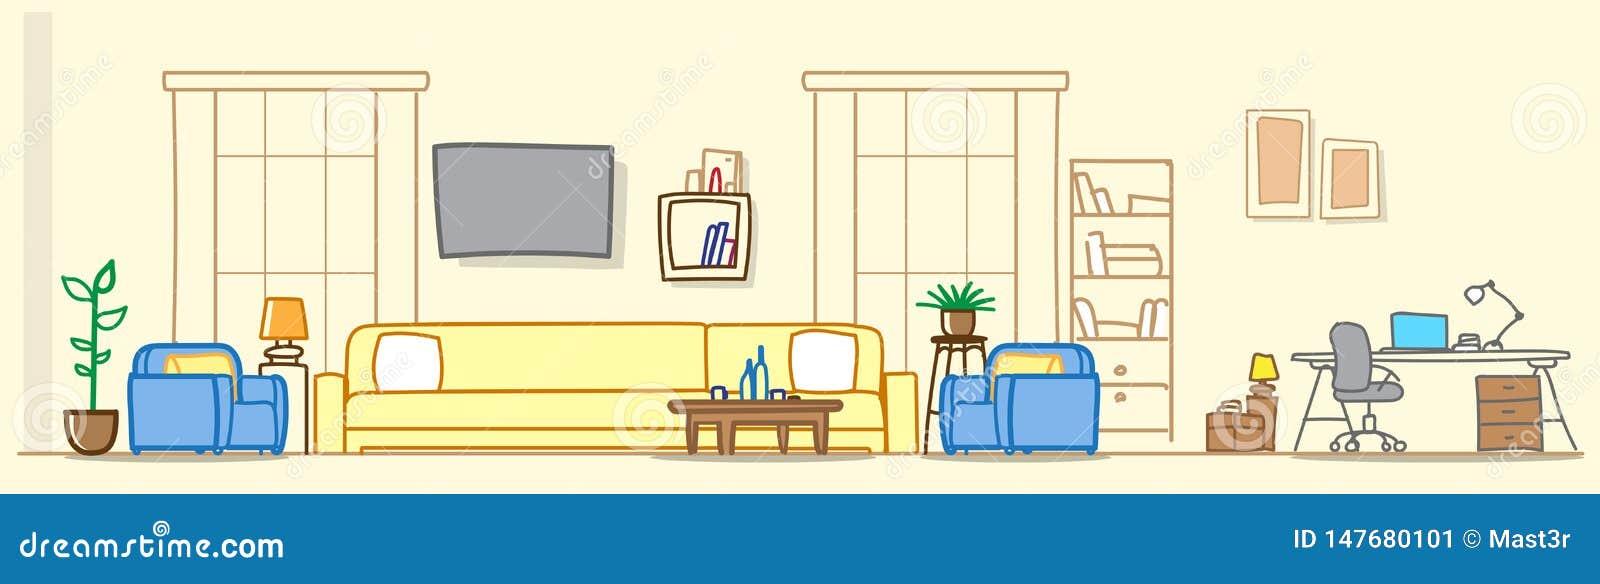 有工作场所区域的现代客厅不倒空人房子家具当代公寓室剪影乱画